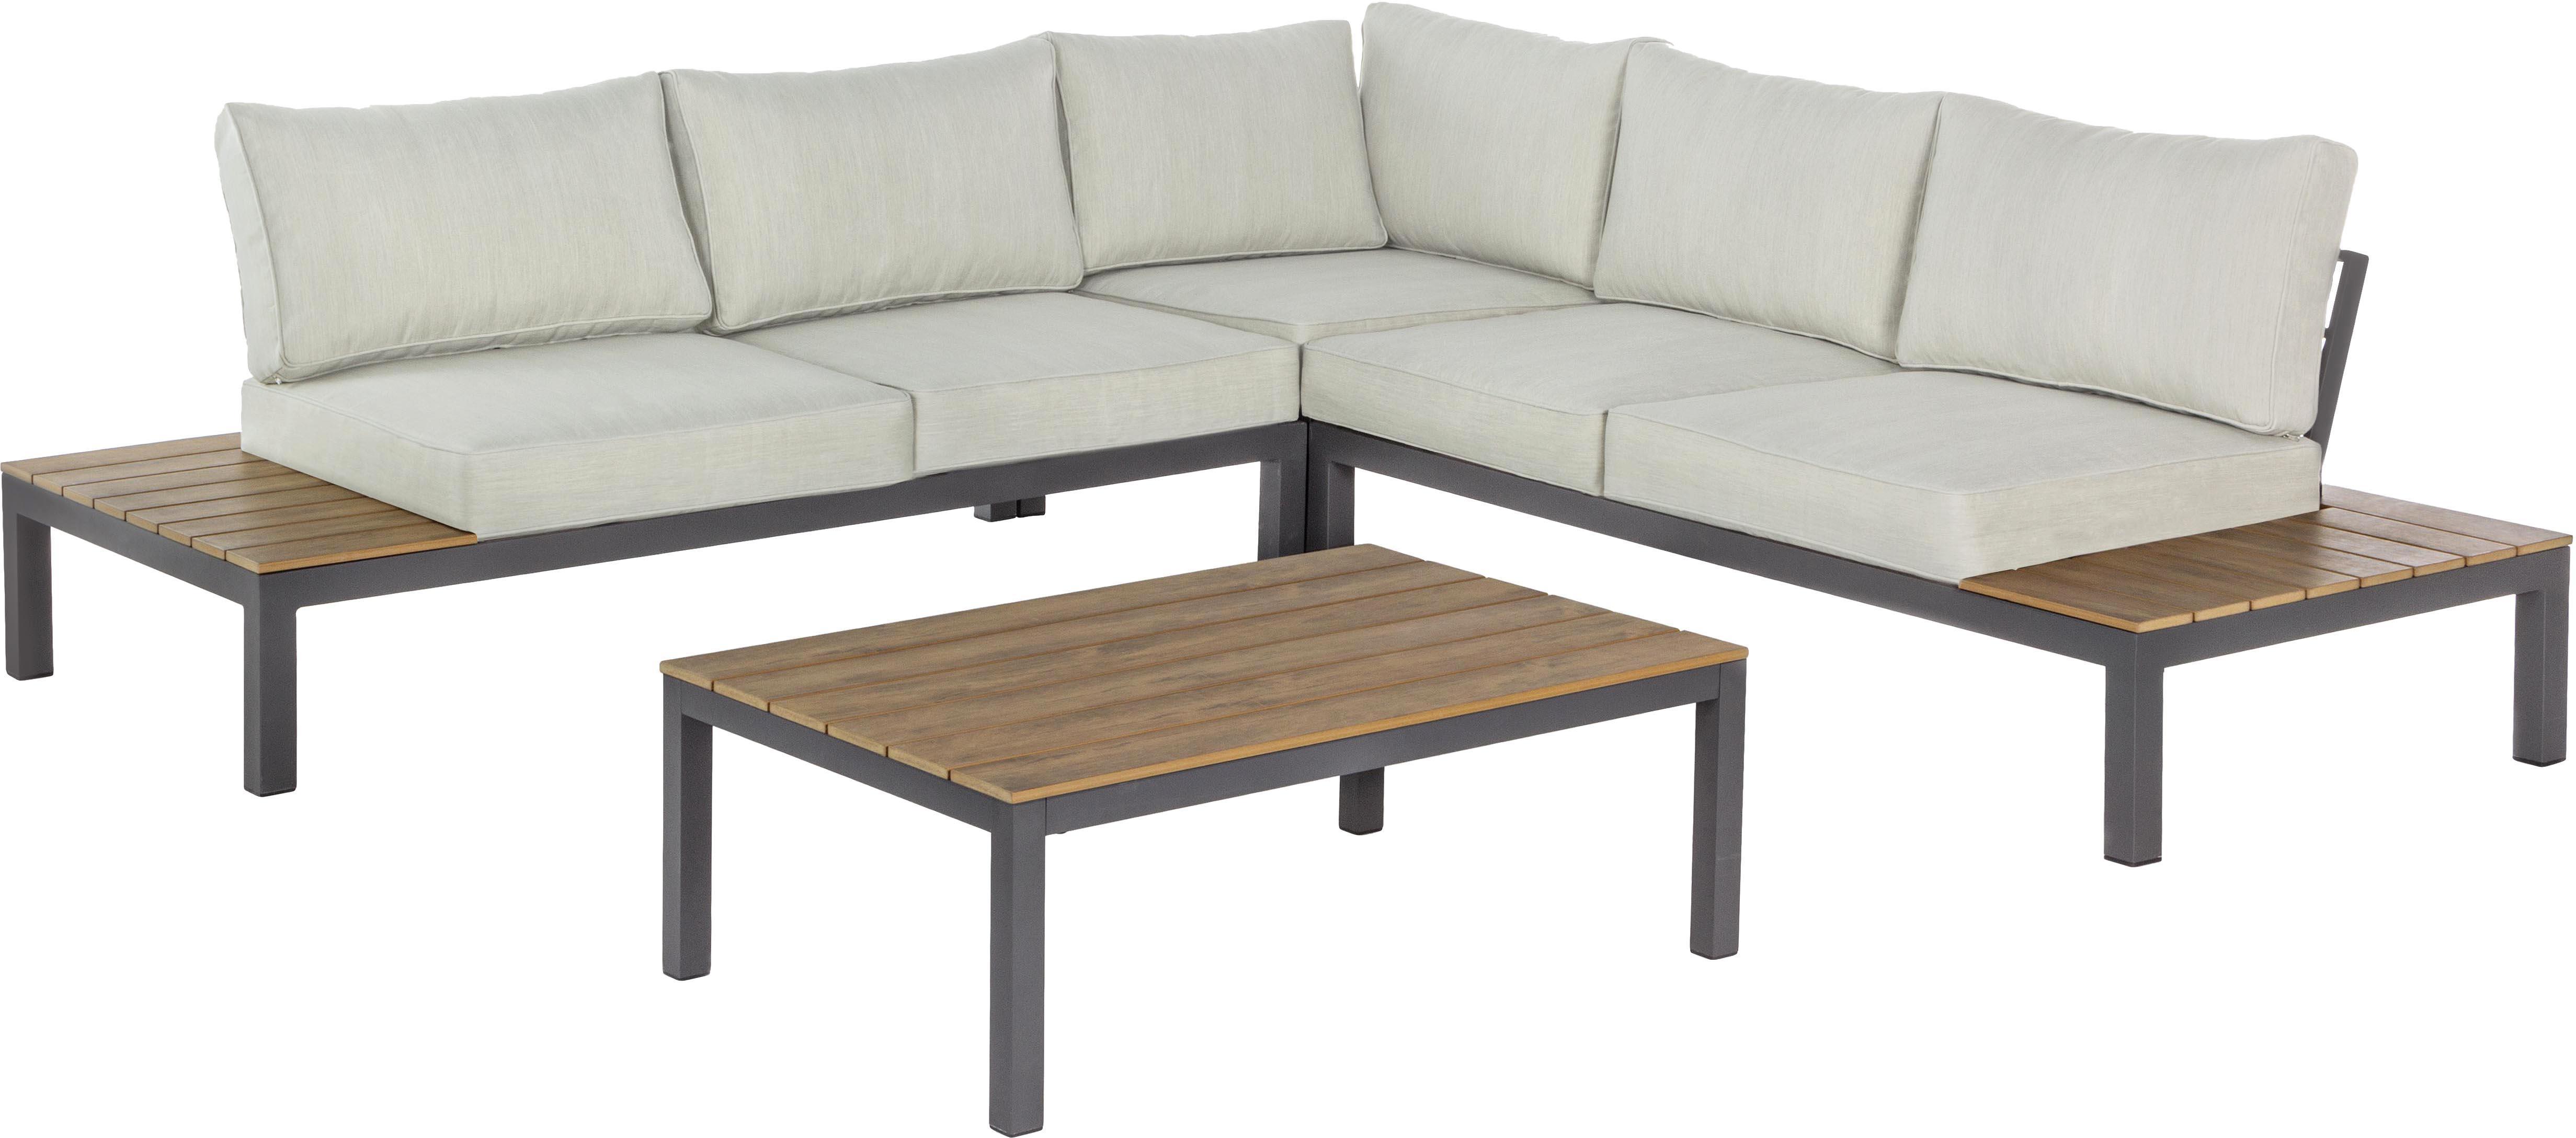 Set lounge de exterior Elias, 3pzas., Tapizado: poliéster, resistente al , Estructura: aluminio con pintura en p, Crema, antracita, An 246 x F 246 cm